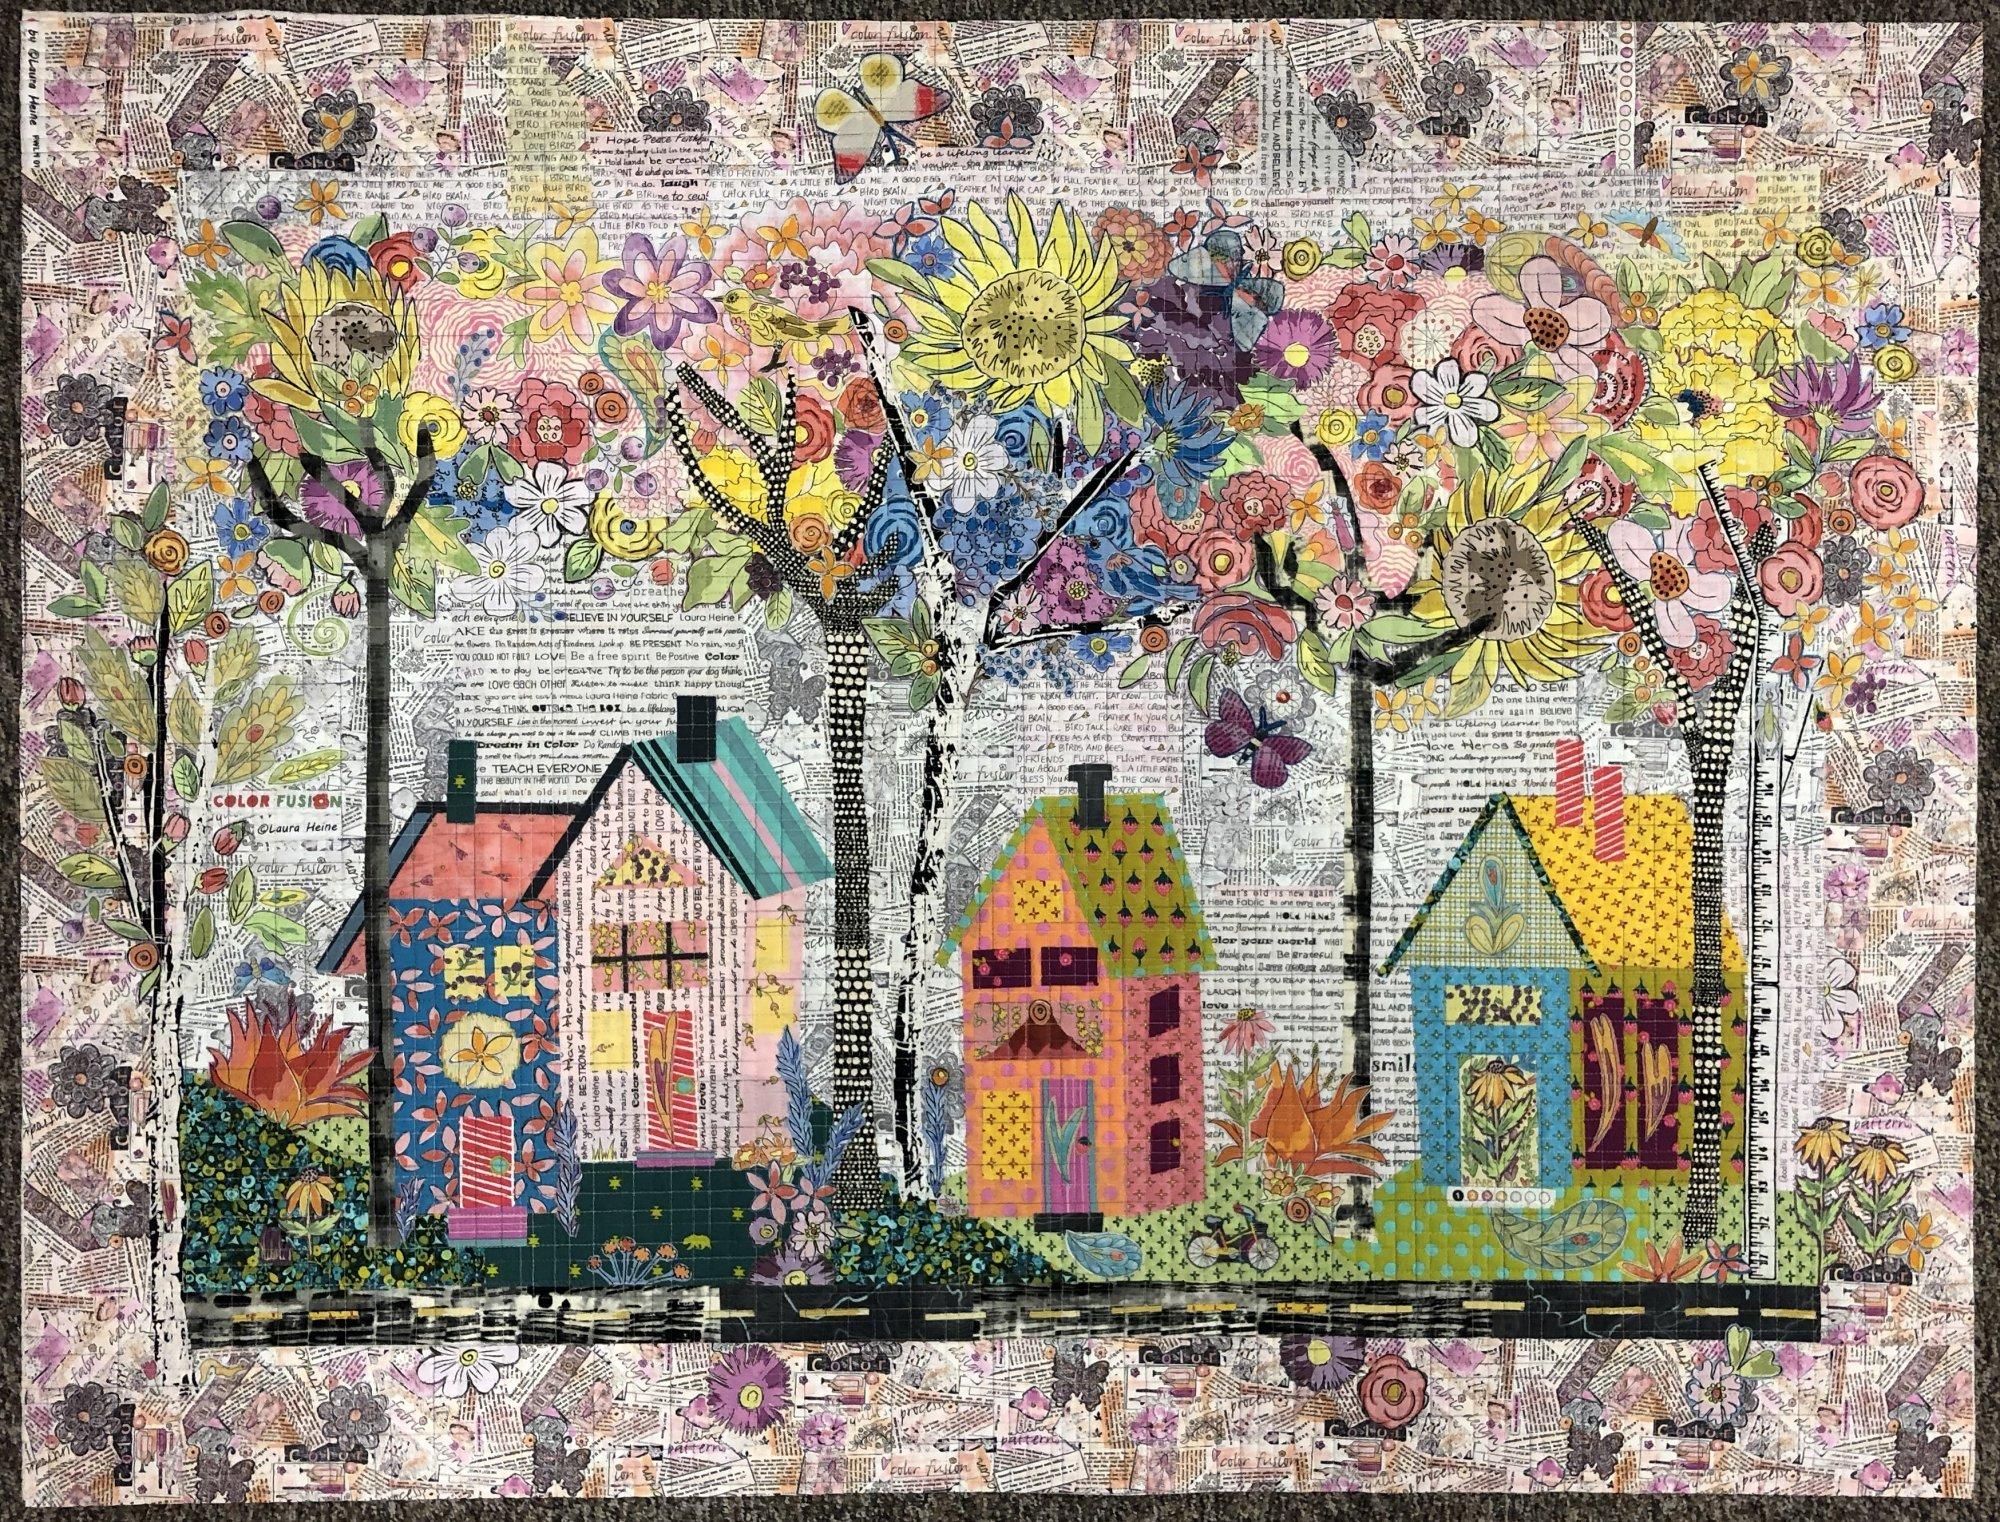 Birch Street Collage